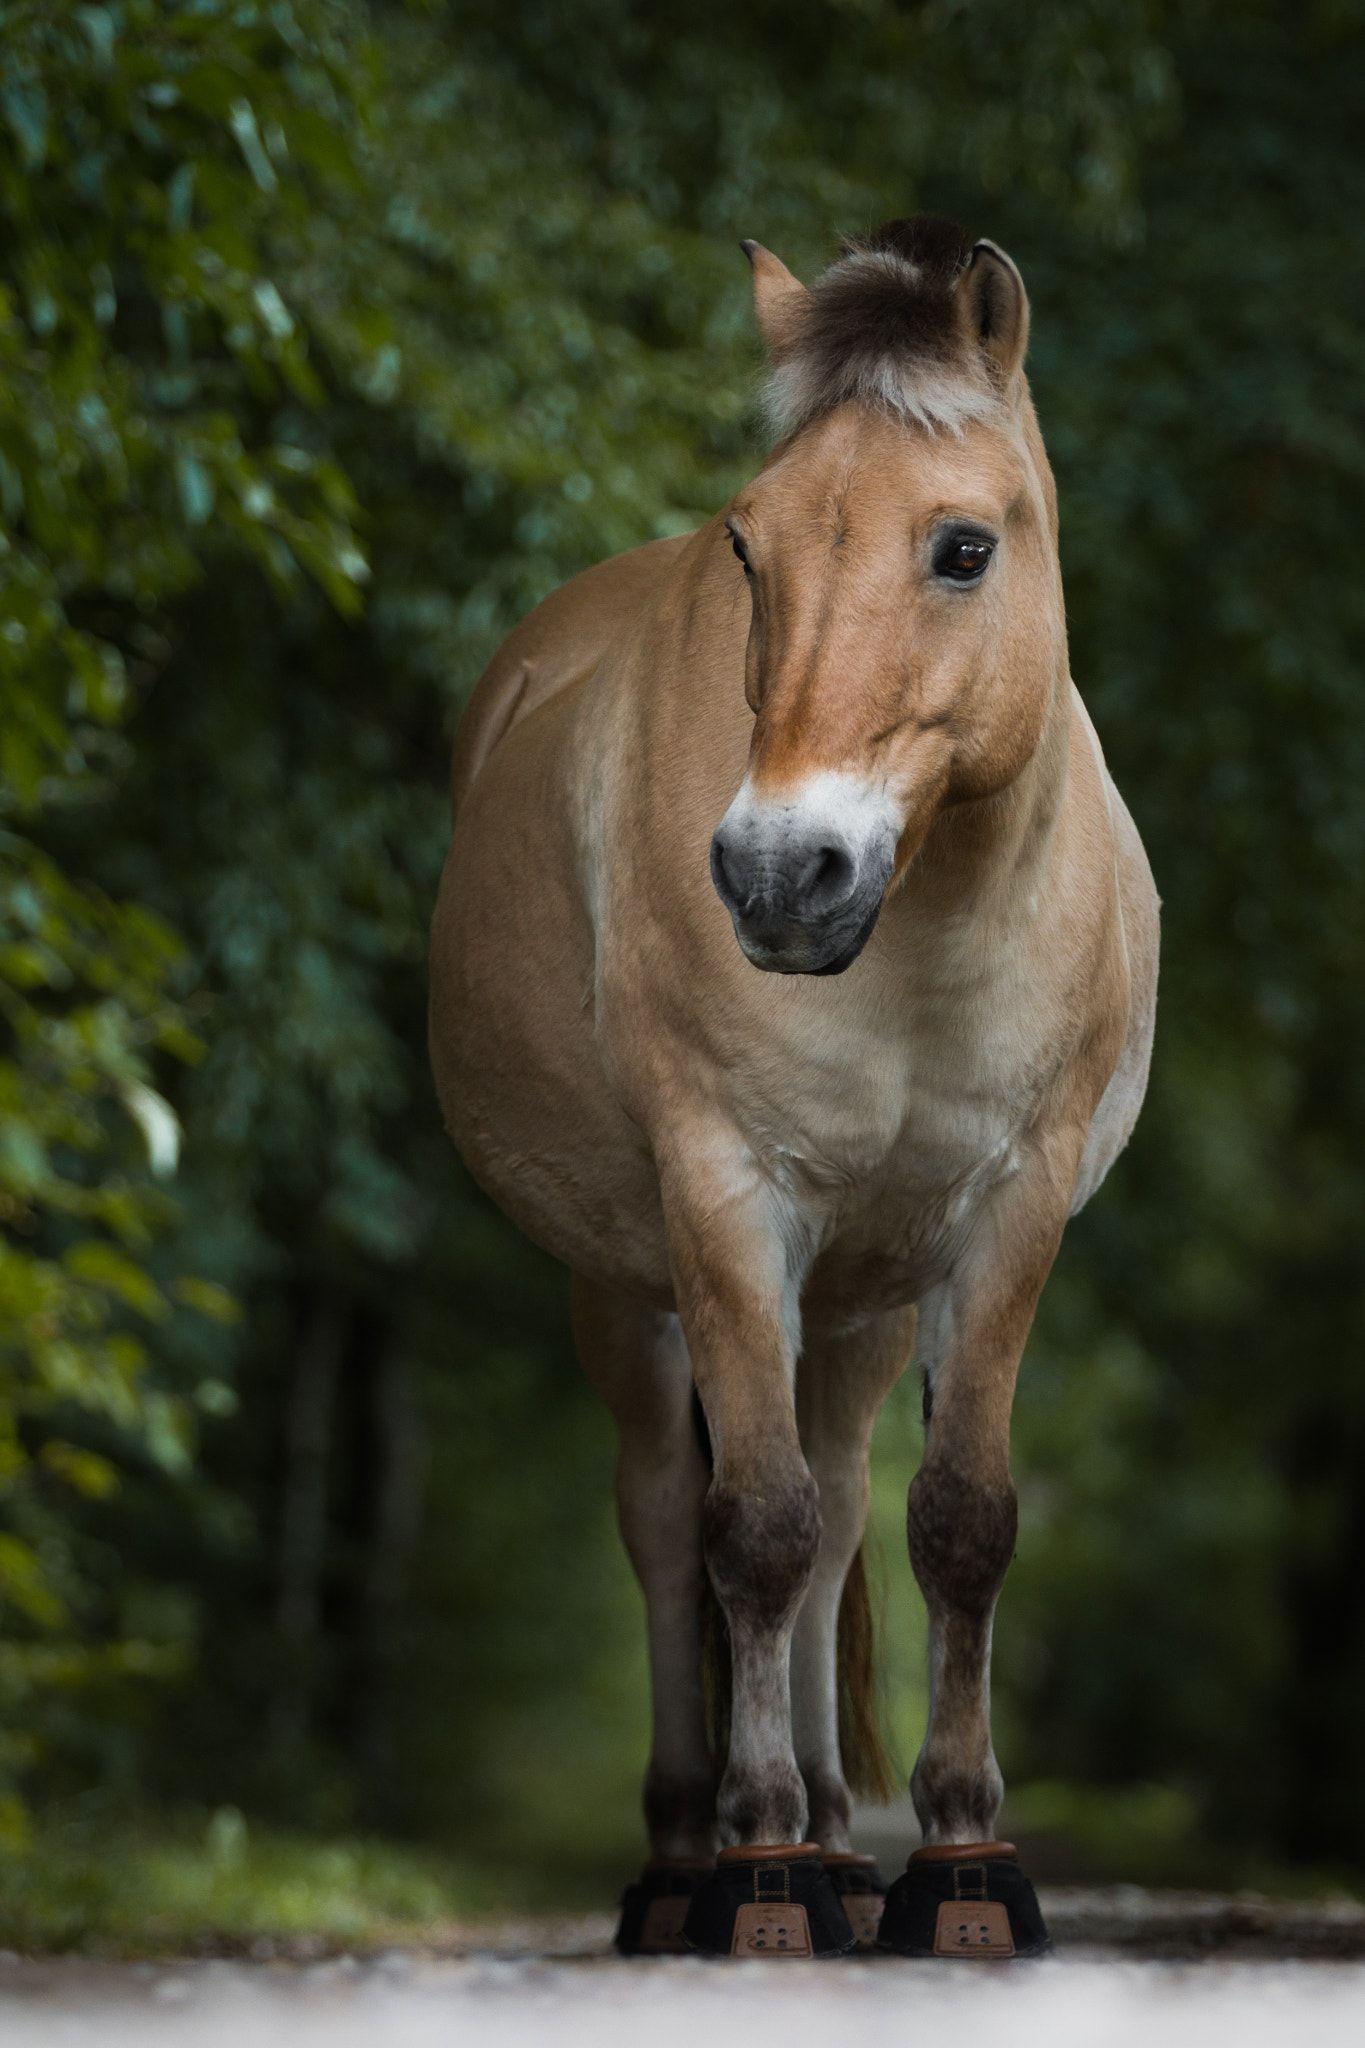 magnifique cheval isabelle chevaux quitation pinterest isabelle poulain et puissance. Black Bedroom Furniture Sets. Home Design Ideas